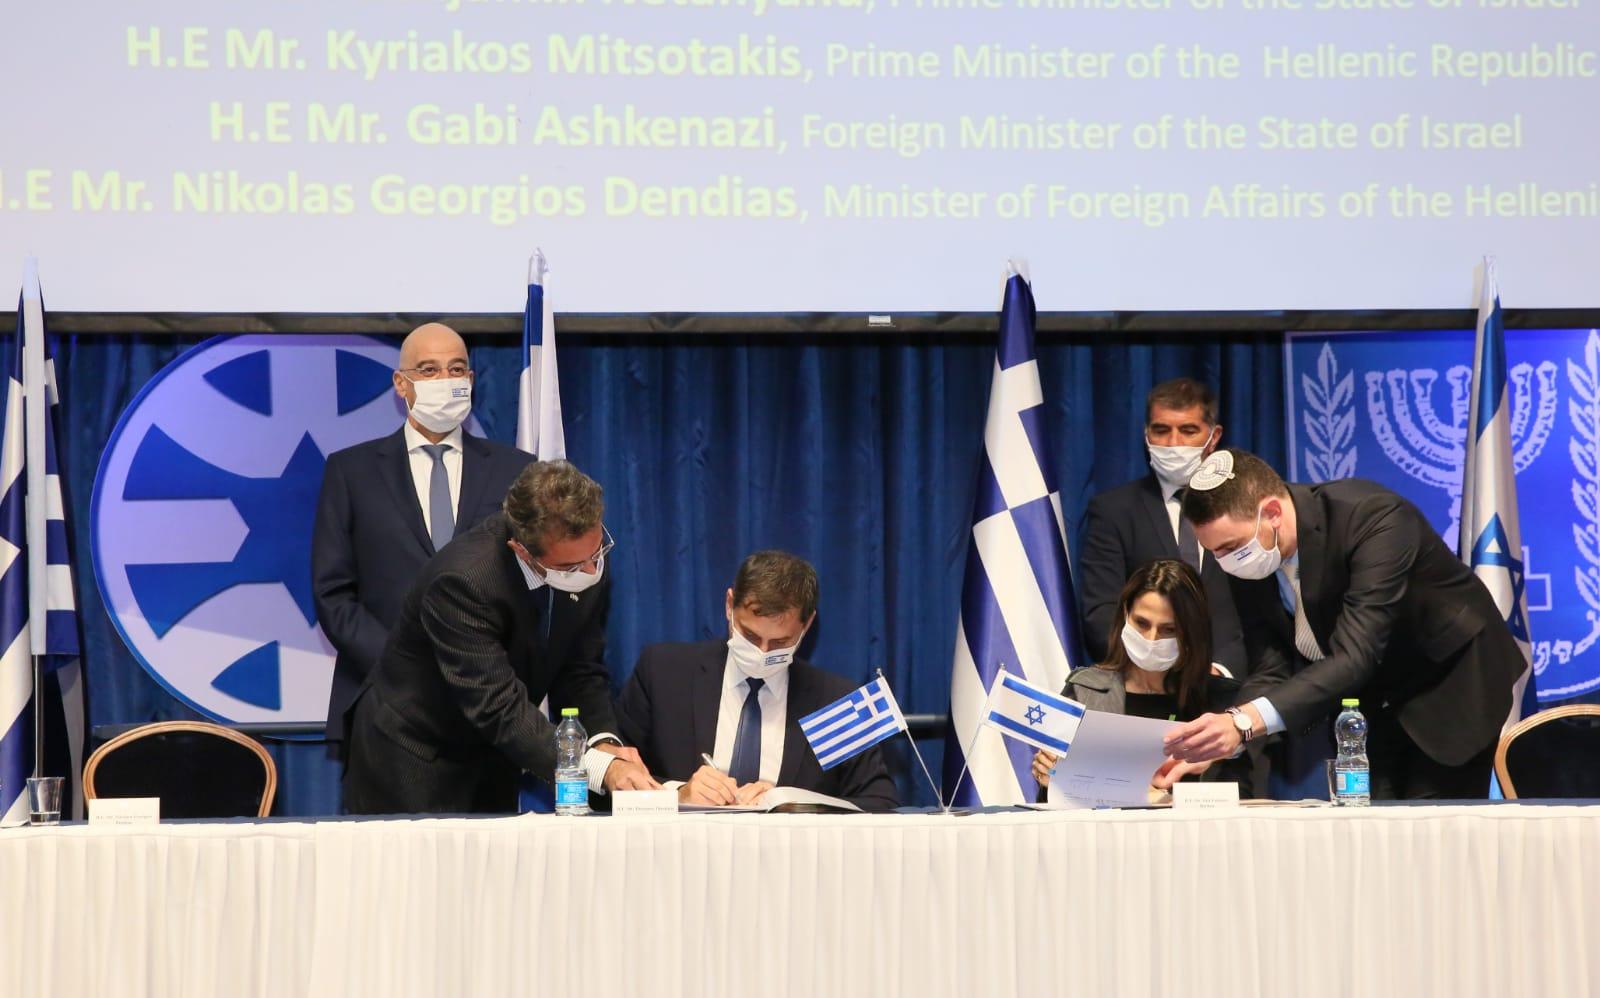 Συμφωνία Ελλάδας-Ισραήλ για τη στρατηγική συνεργασία στον τουρισμό υπέγραψε ο Υπουργός Τουρισμού κ. Χάρης Θεοχάρης